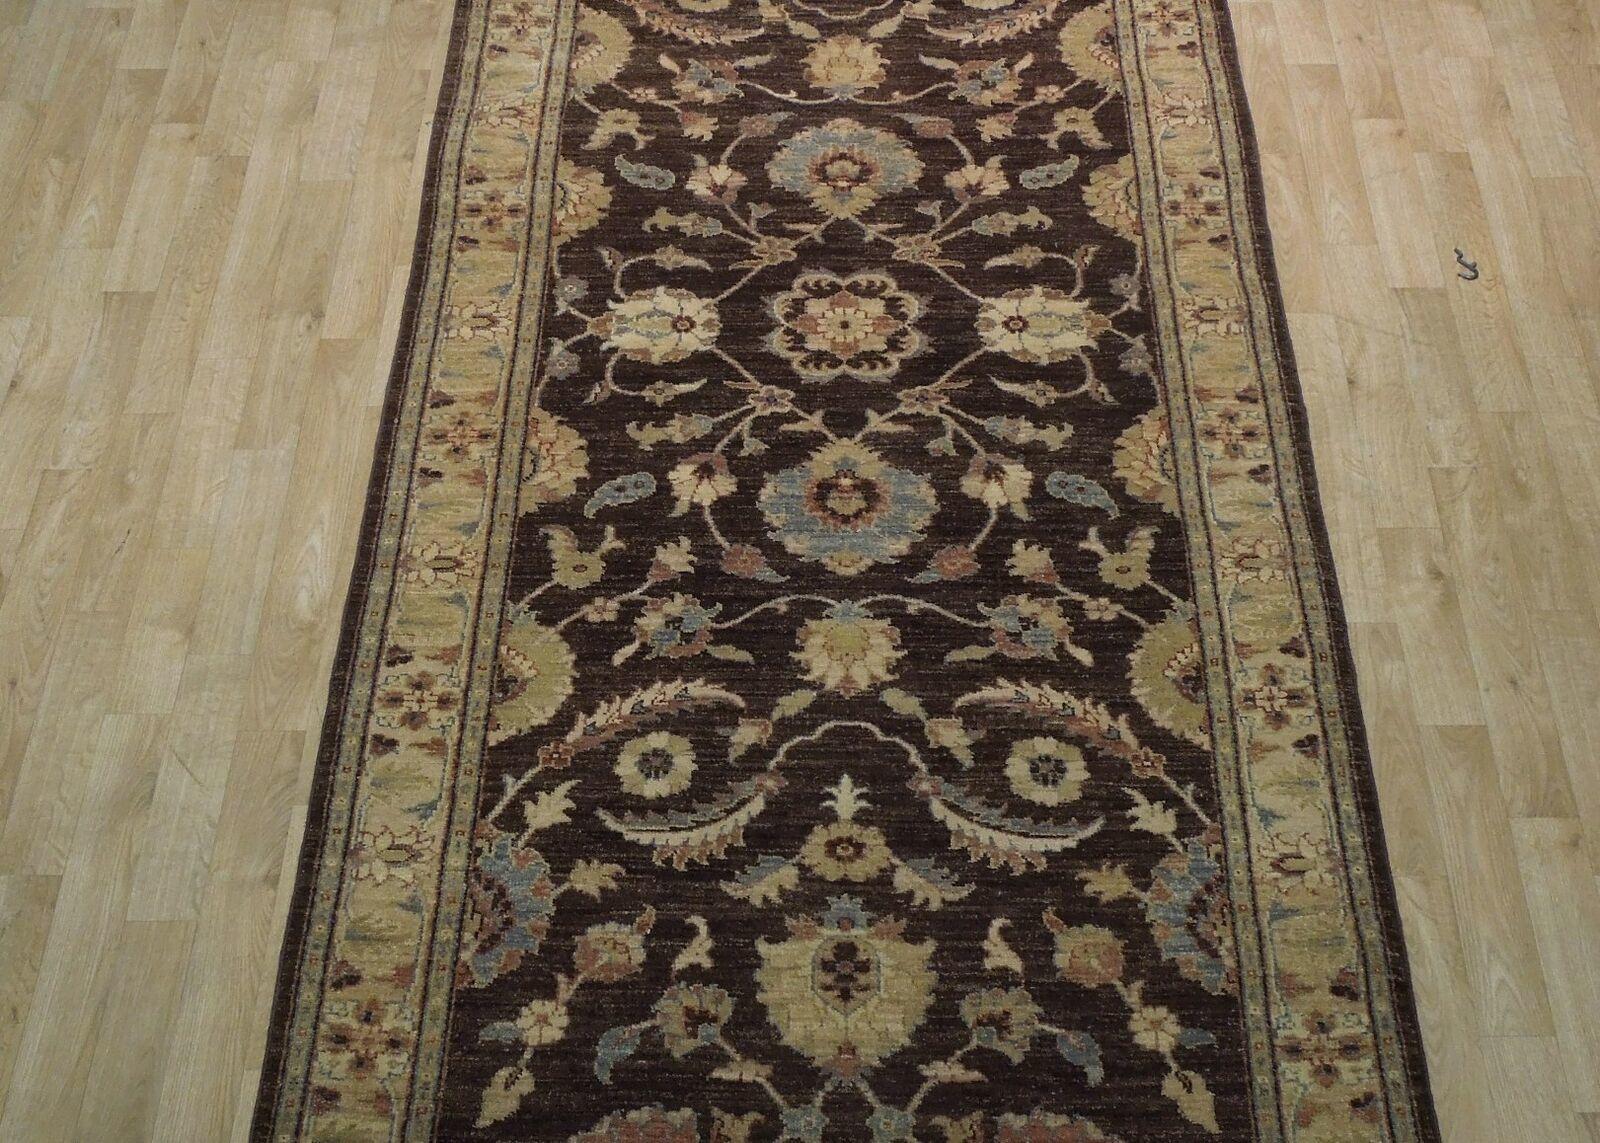 Chobi Peshawar Chocolate Antiqued Handmade 4' x 10' Brown Oushak Wool Rug image 12